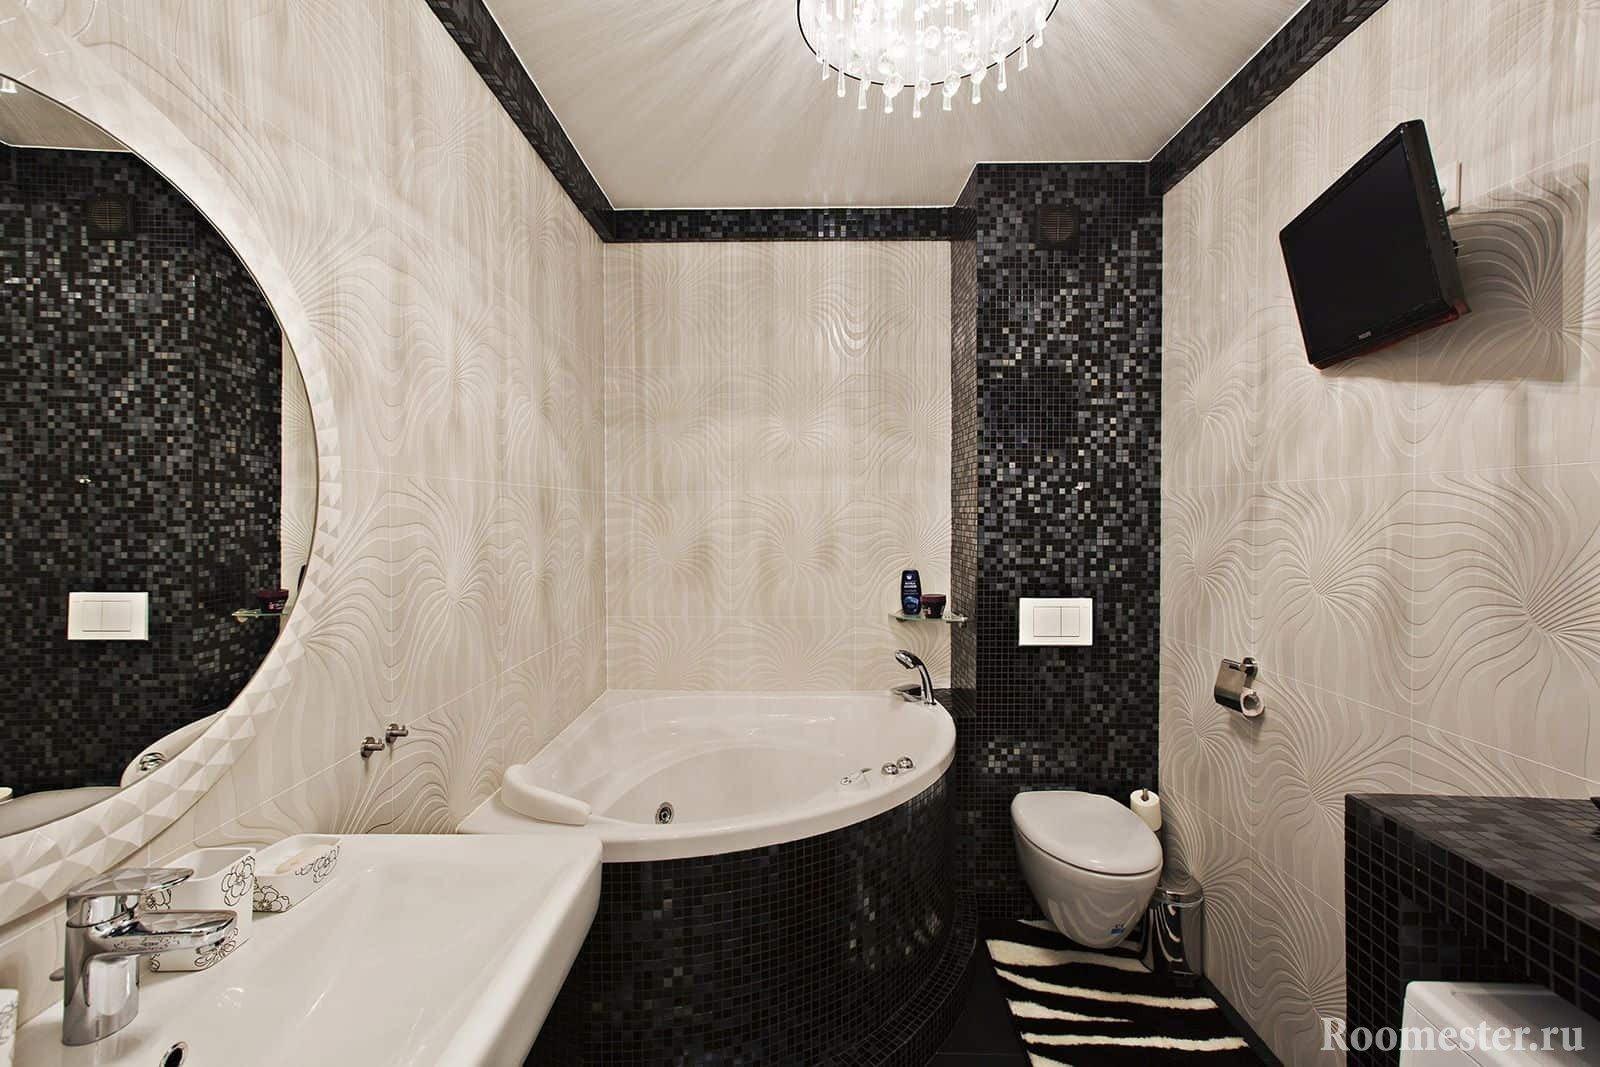 Ванная комната с телевизором